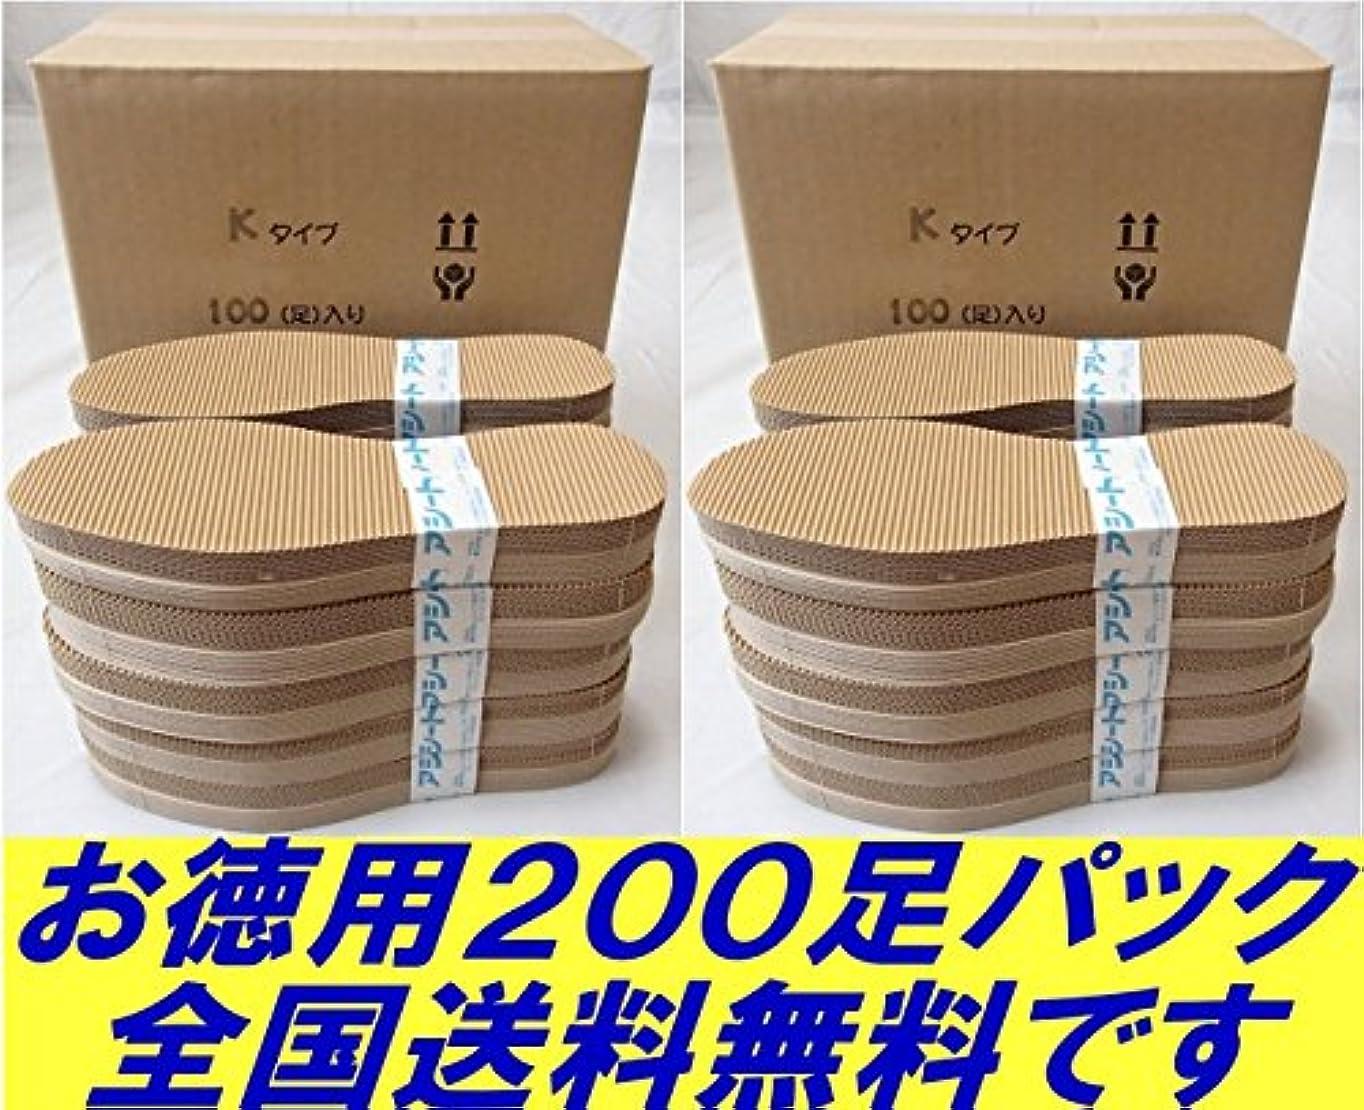 丁寧荒れ地女性アシートKタイプお得用パック200足入り (26.5~27.0cm)